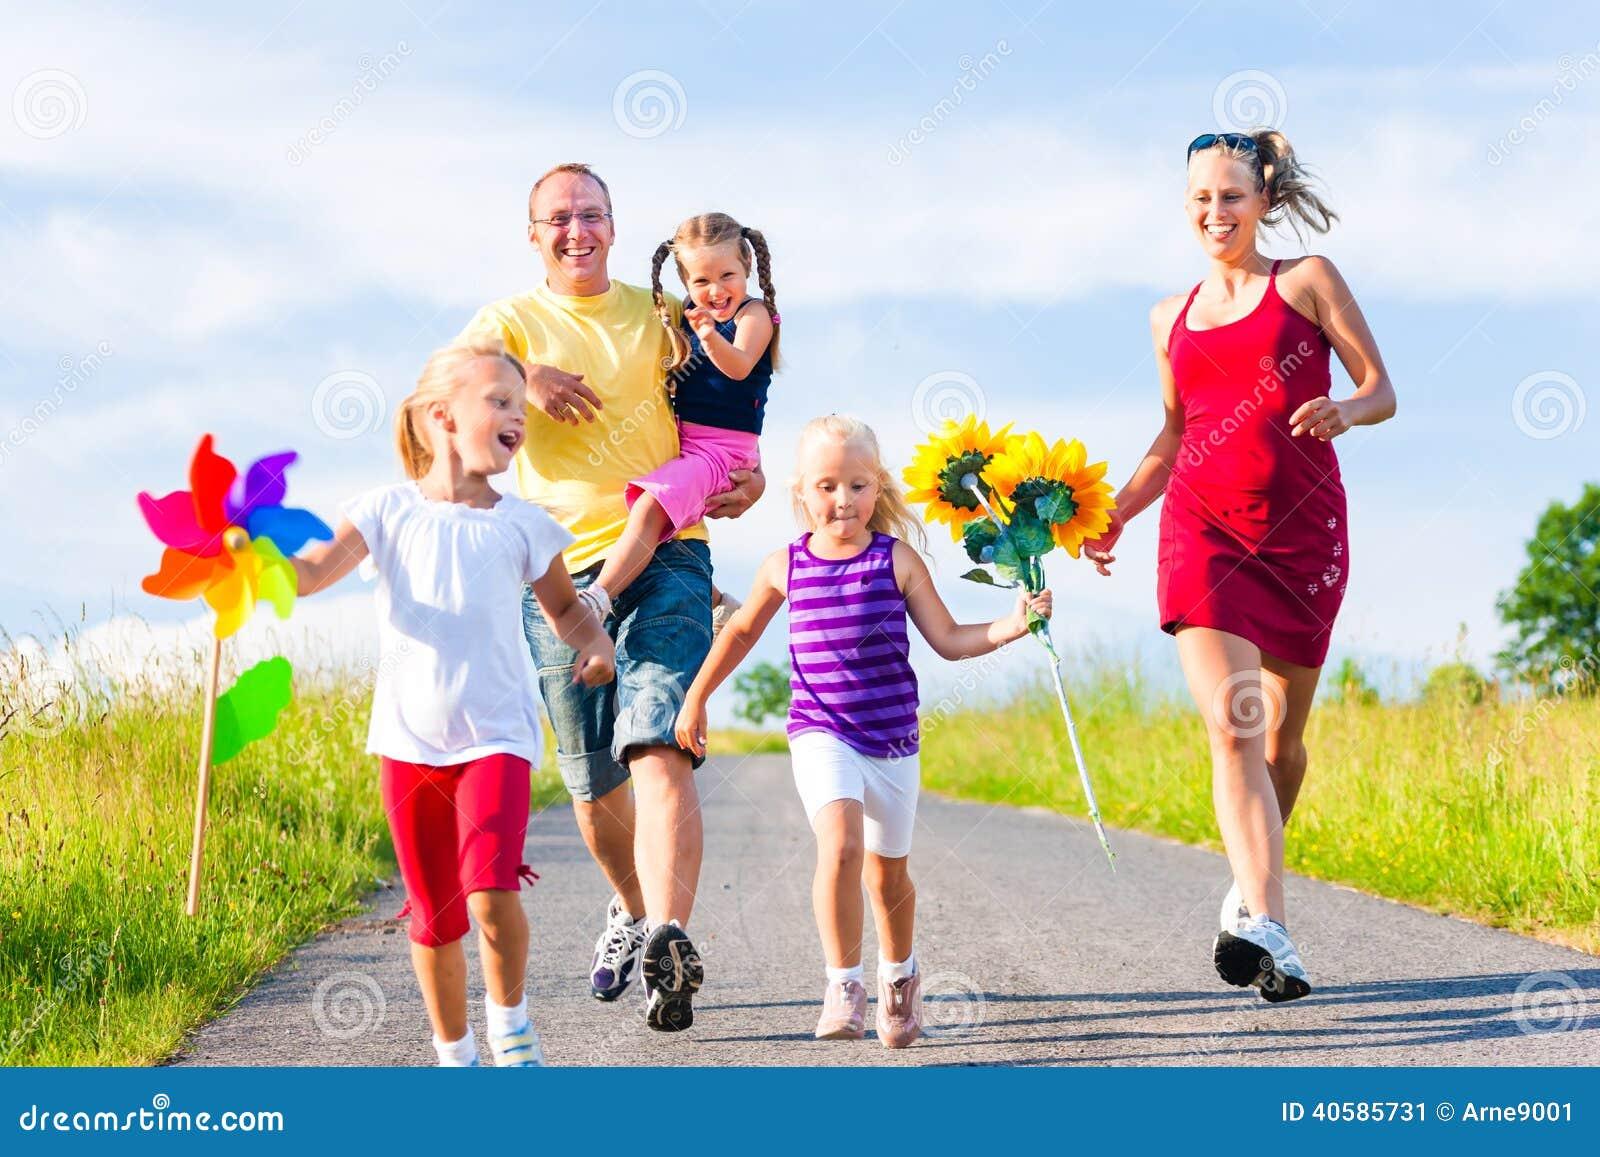 Οικογένεια με τρία παιδιά